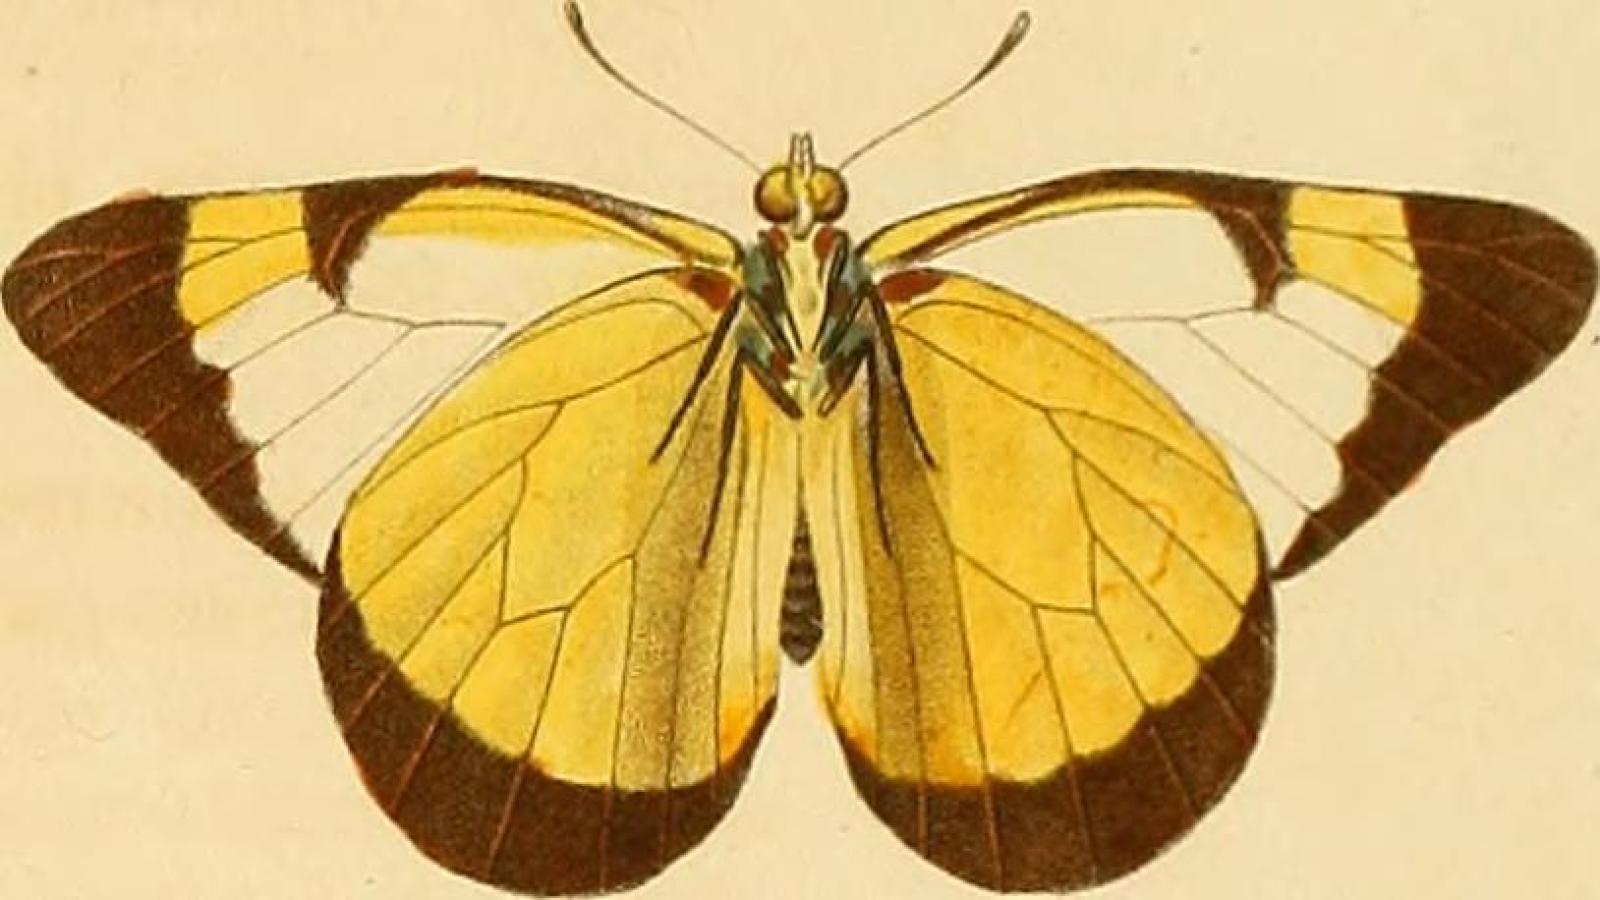 Un'immagine dal Recueil d'observations de zoologie et d'anatomie comparée. Crediti: Internet Archive Book Images/Flickr.